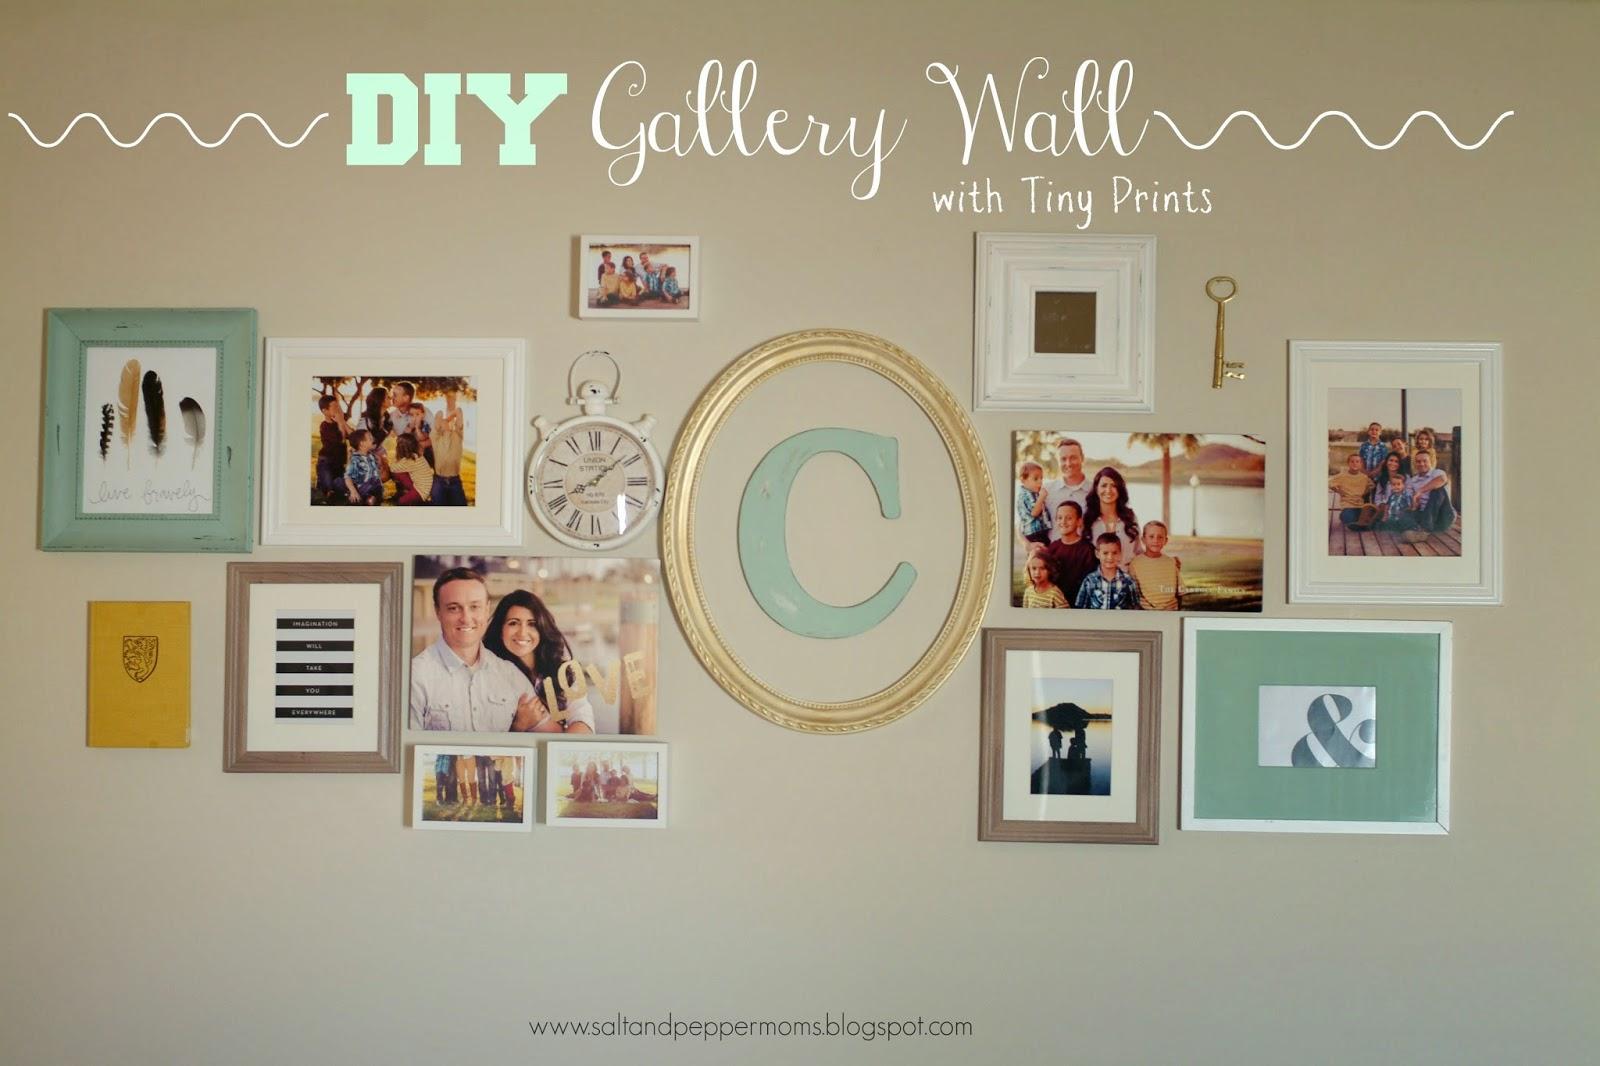 http://saltandpeppermoms.blogspot.com/2014/08/diy-gallery-wall.html